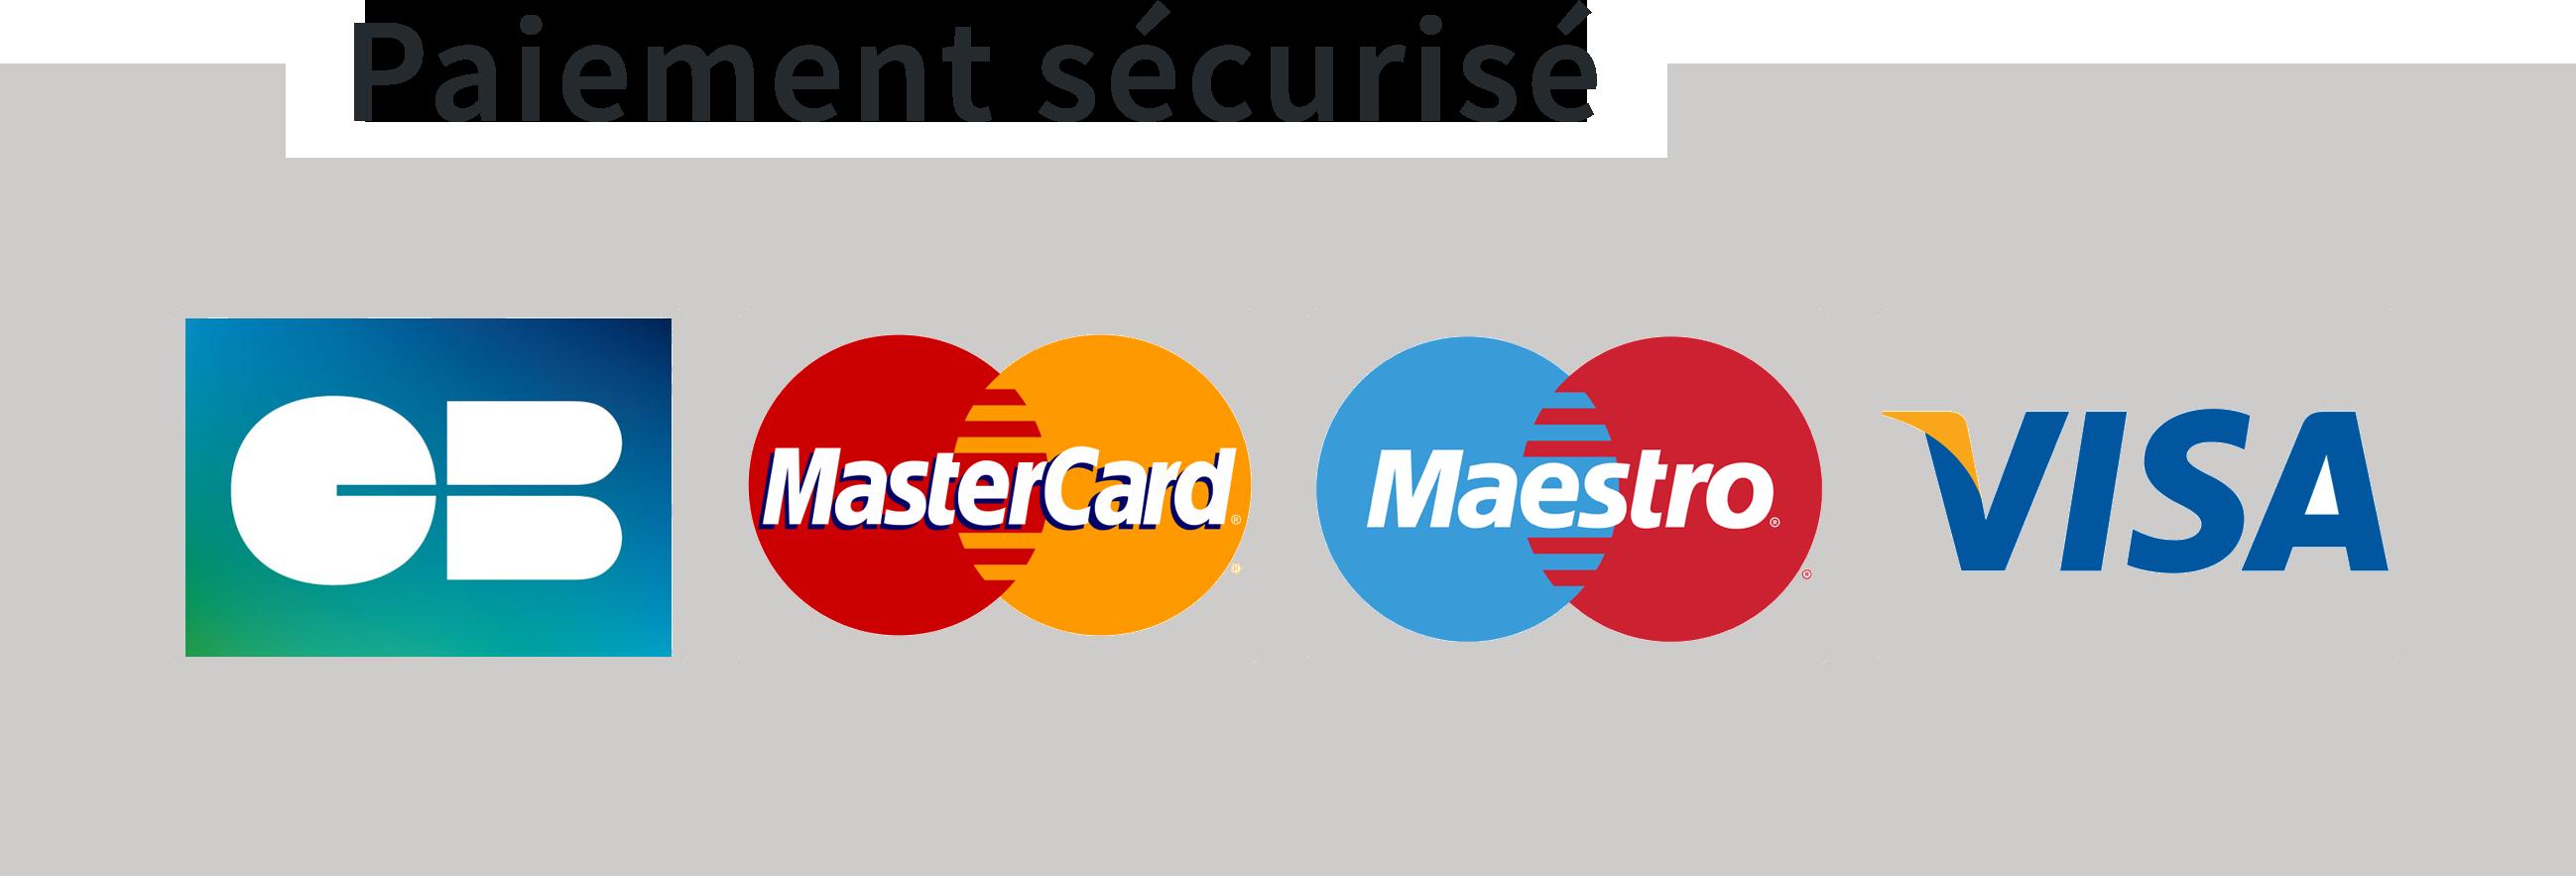 logo paiements sécurisés